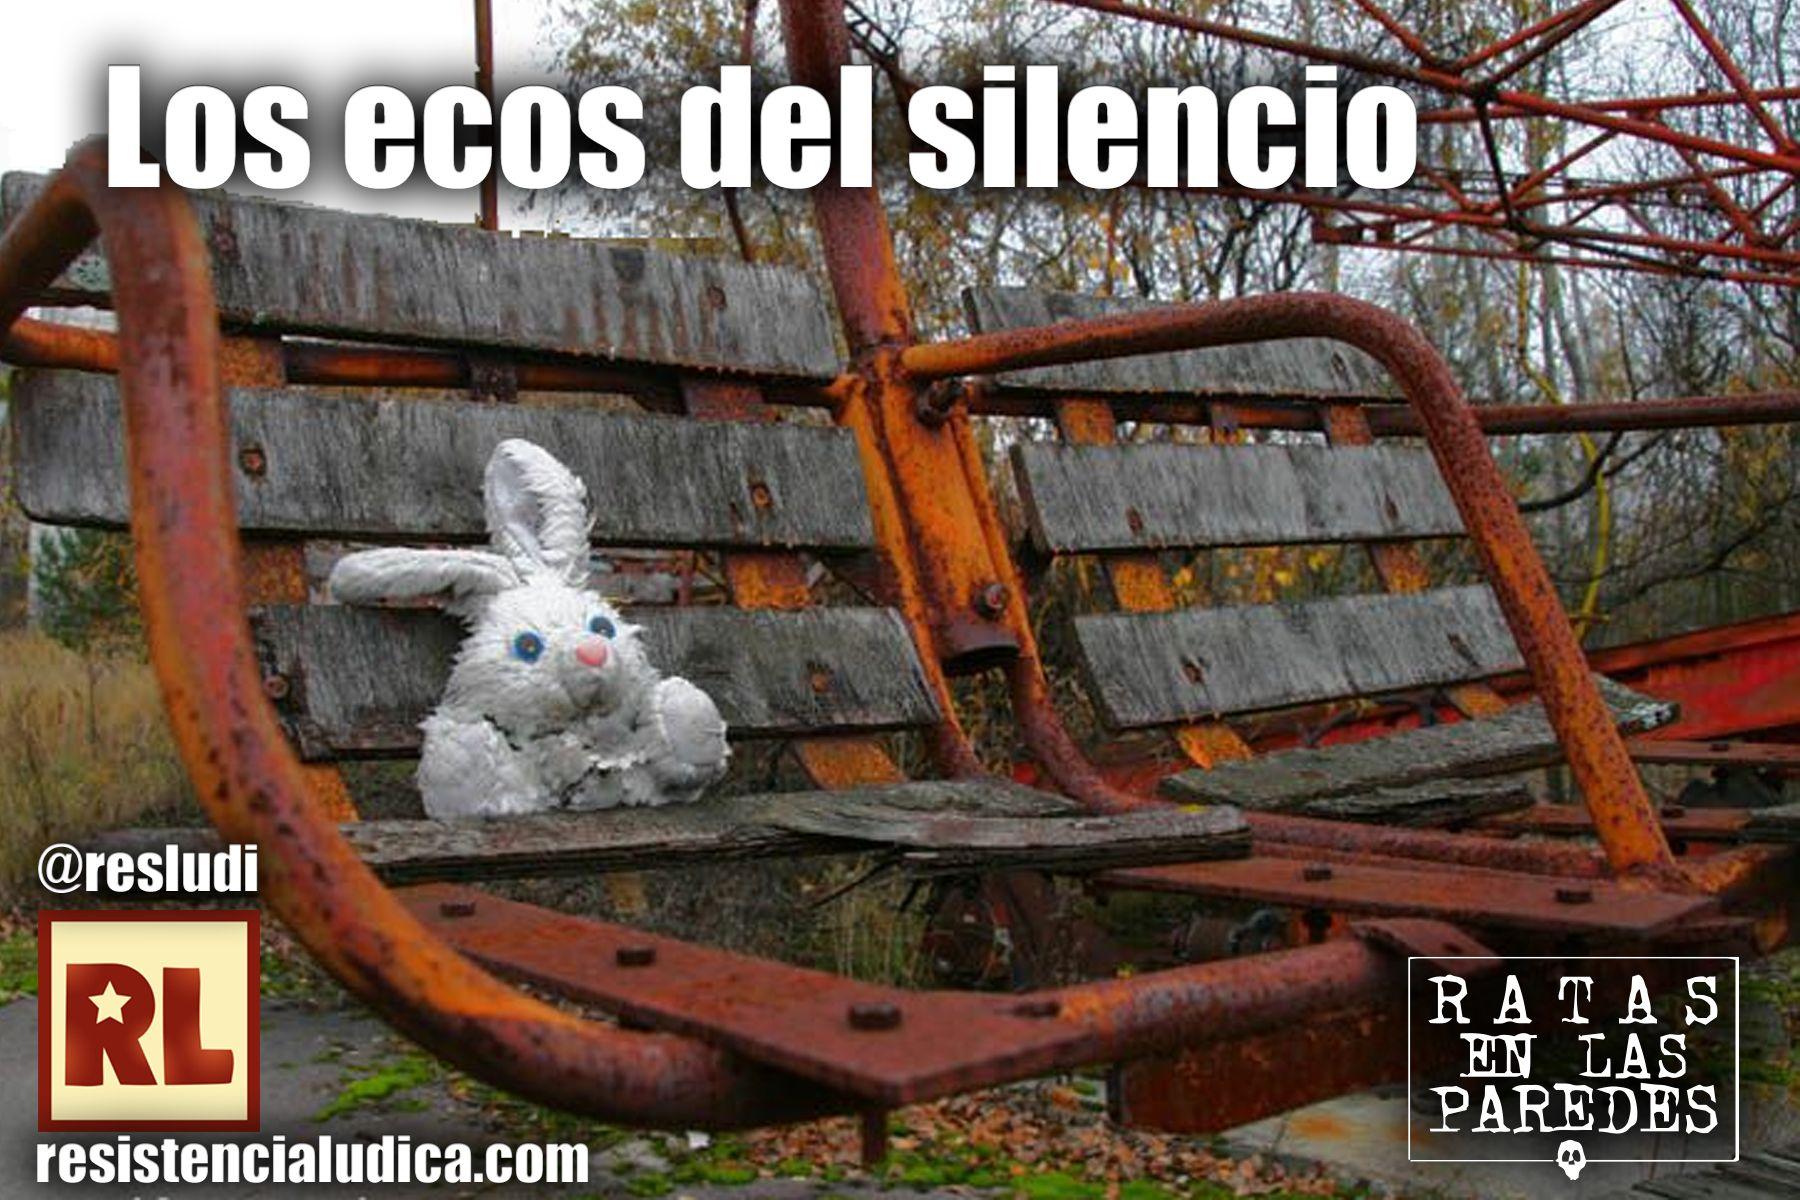 Los ecos del silencio (Ratas en las paredes)